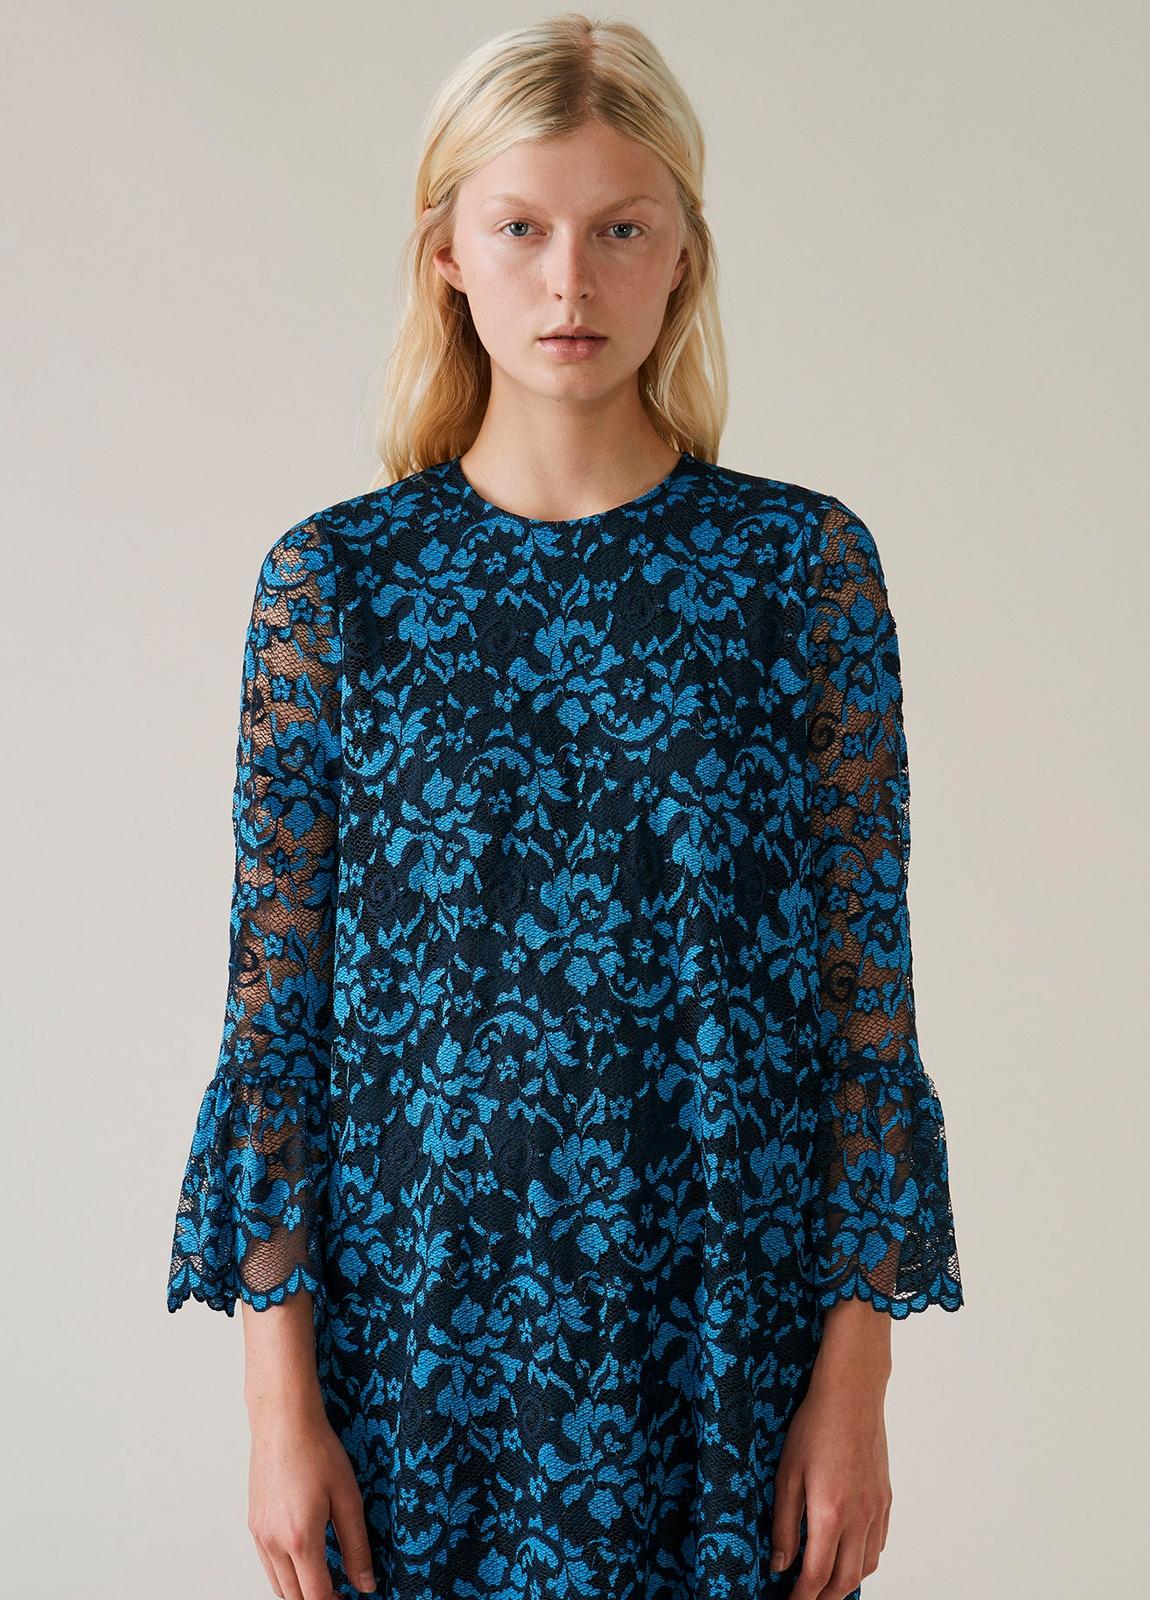 Vestido de encaje color azul con manga acampanada. 67% Poliamida 30% Viscosa 3% Elastáno. - Ítem2